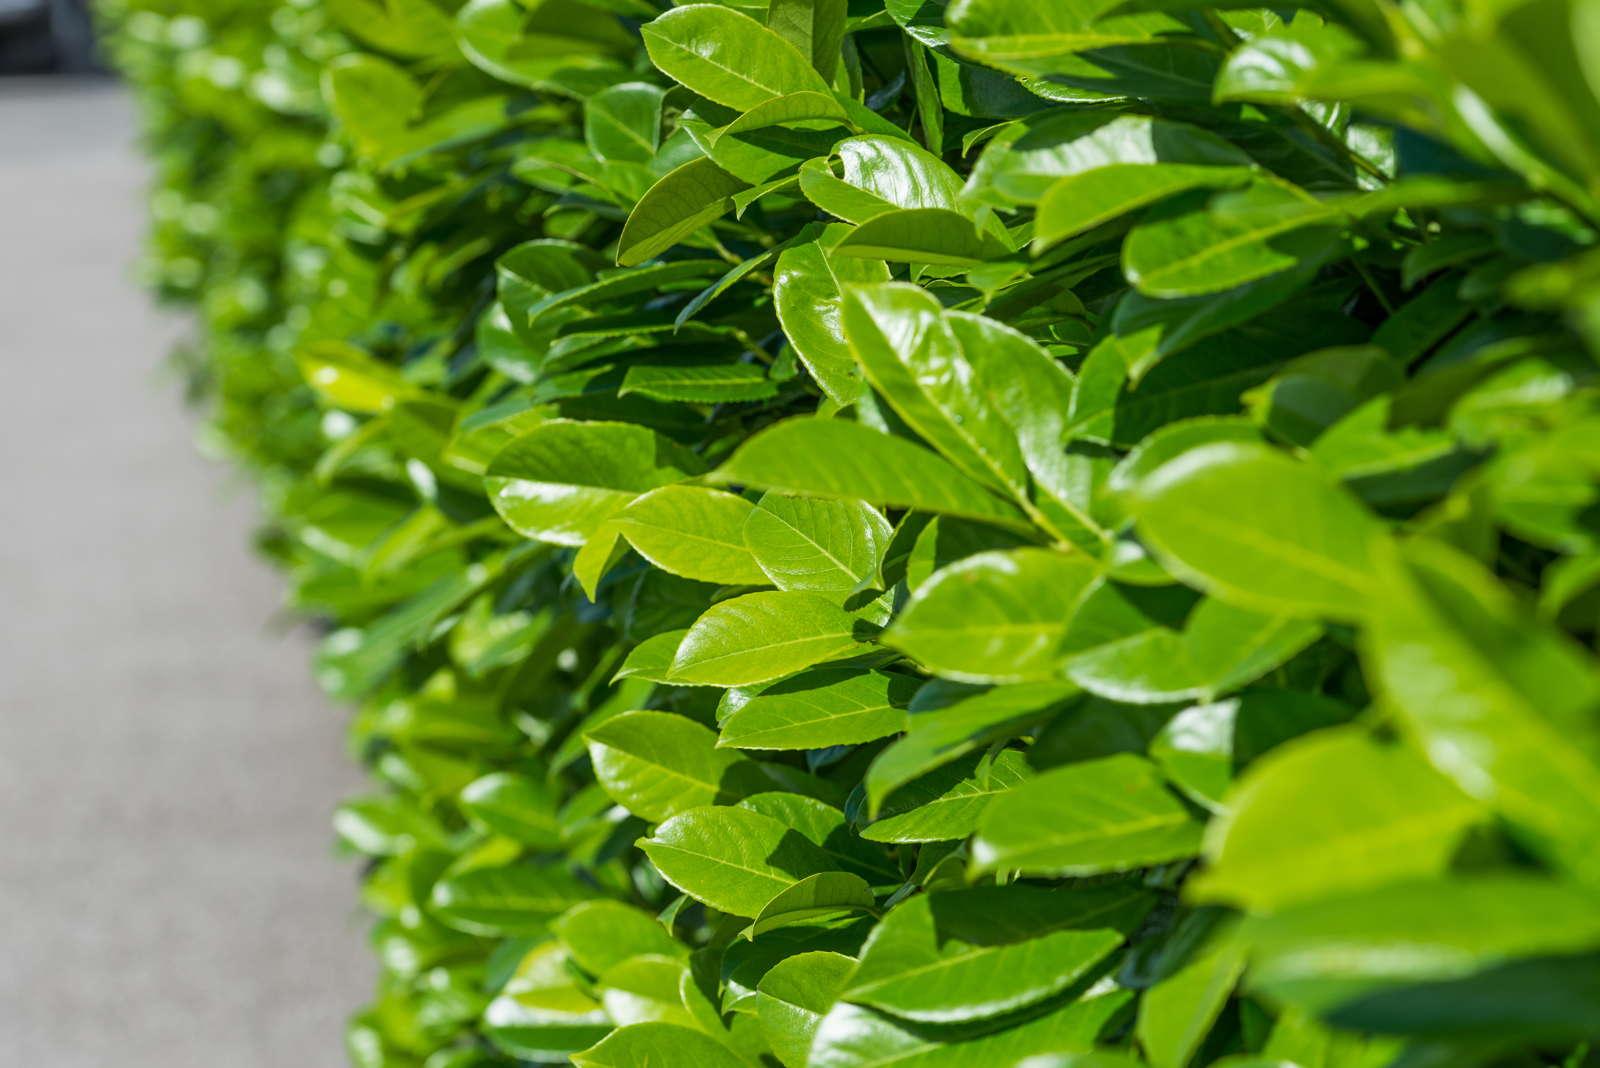 kirschlorbeer experten tipps zum pflanzen schneiden pflegen plantura. Black Bedroom Furniture Sets. Home Design Ideas